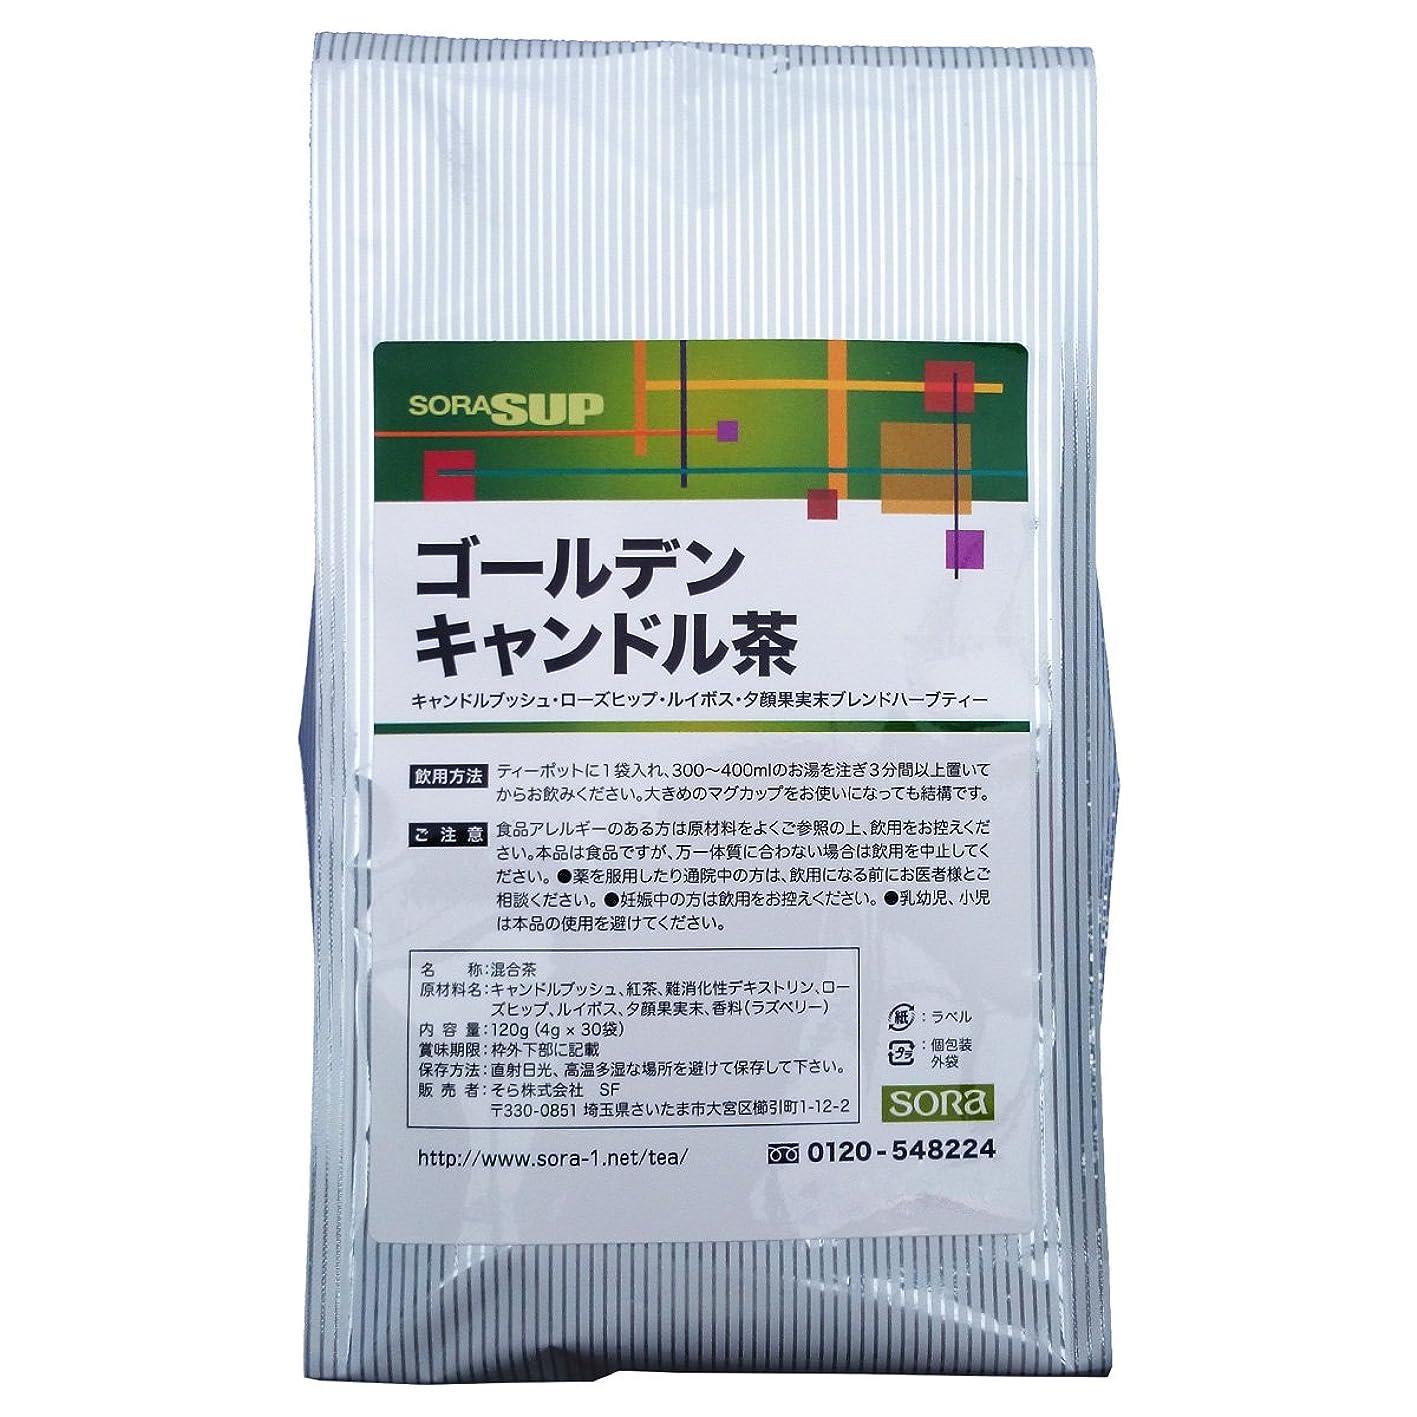 ホバー胚芽うんそら ゴールデンキャンドル茶 (主成分キャンドルブッシュ?4グラムティーパック × 30包)